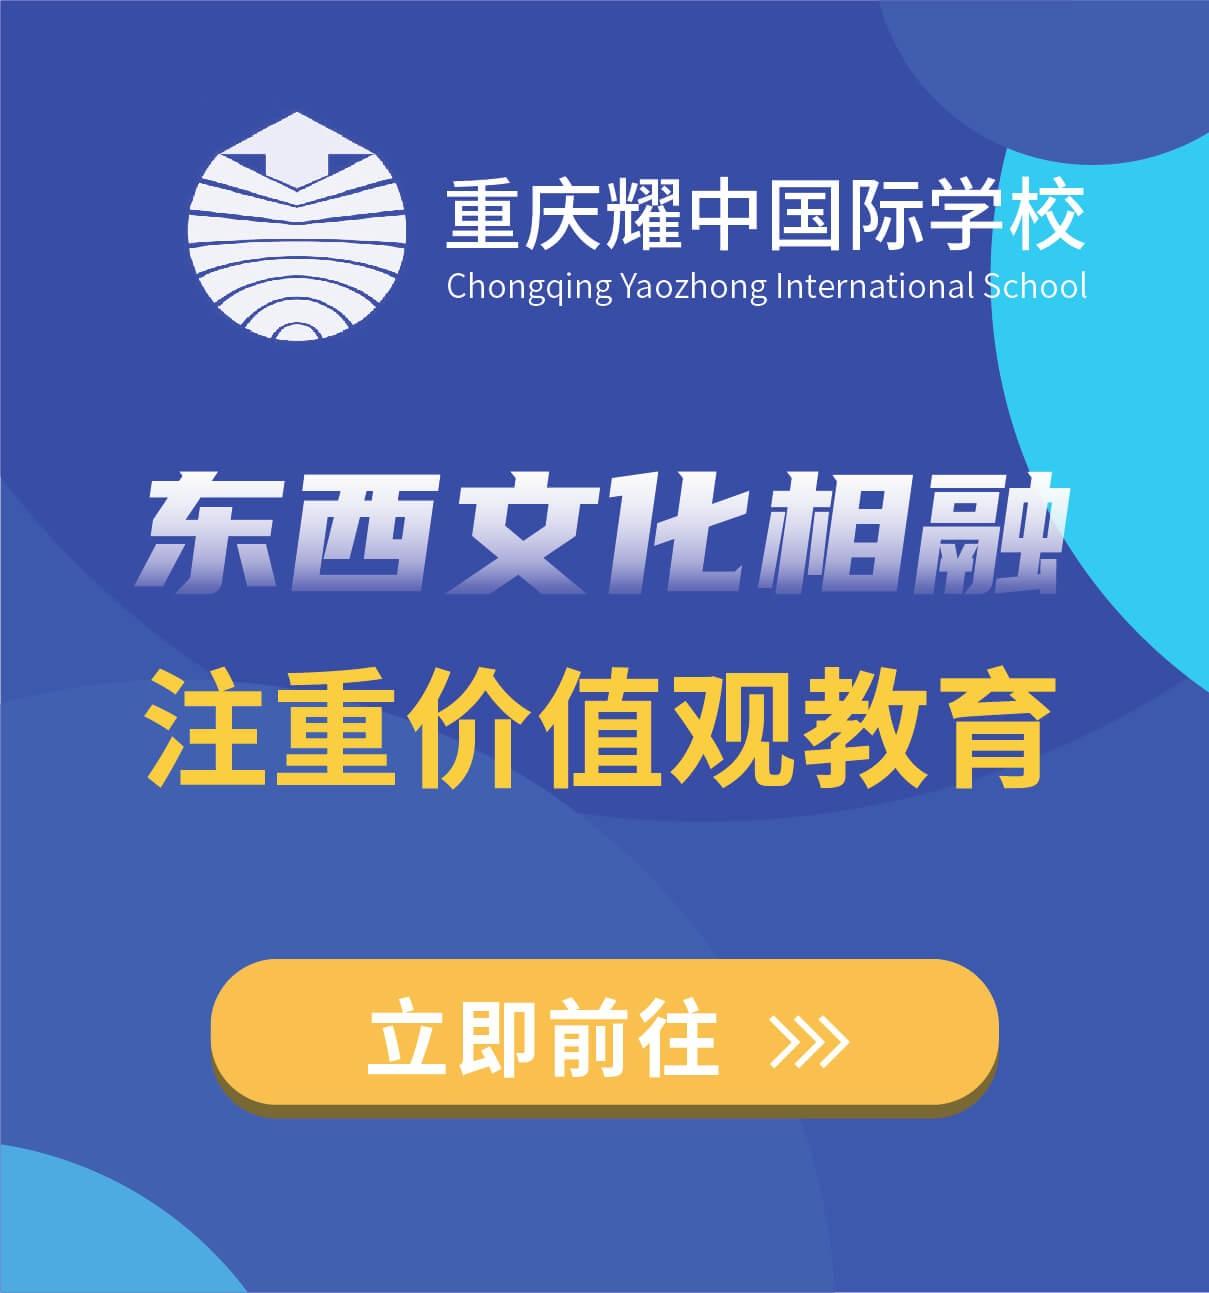 重庆耀中国际学校图片